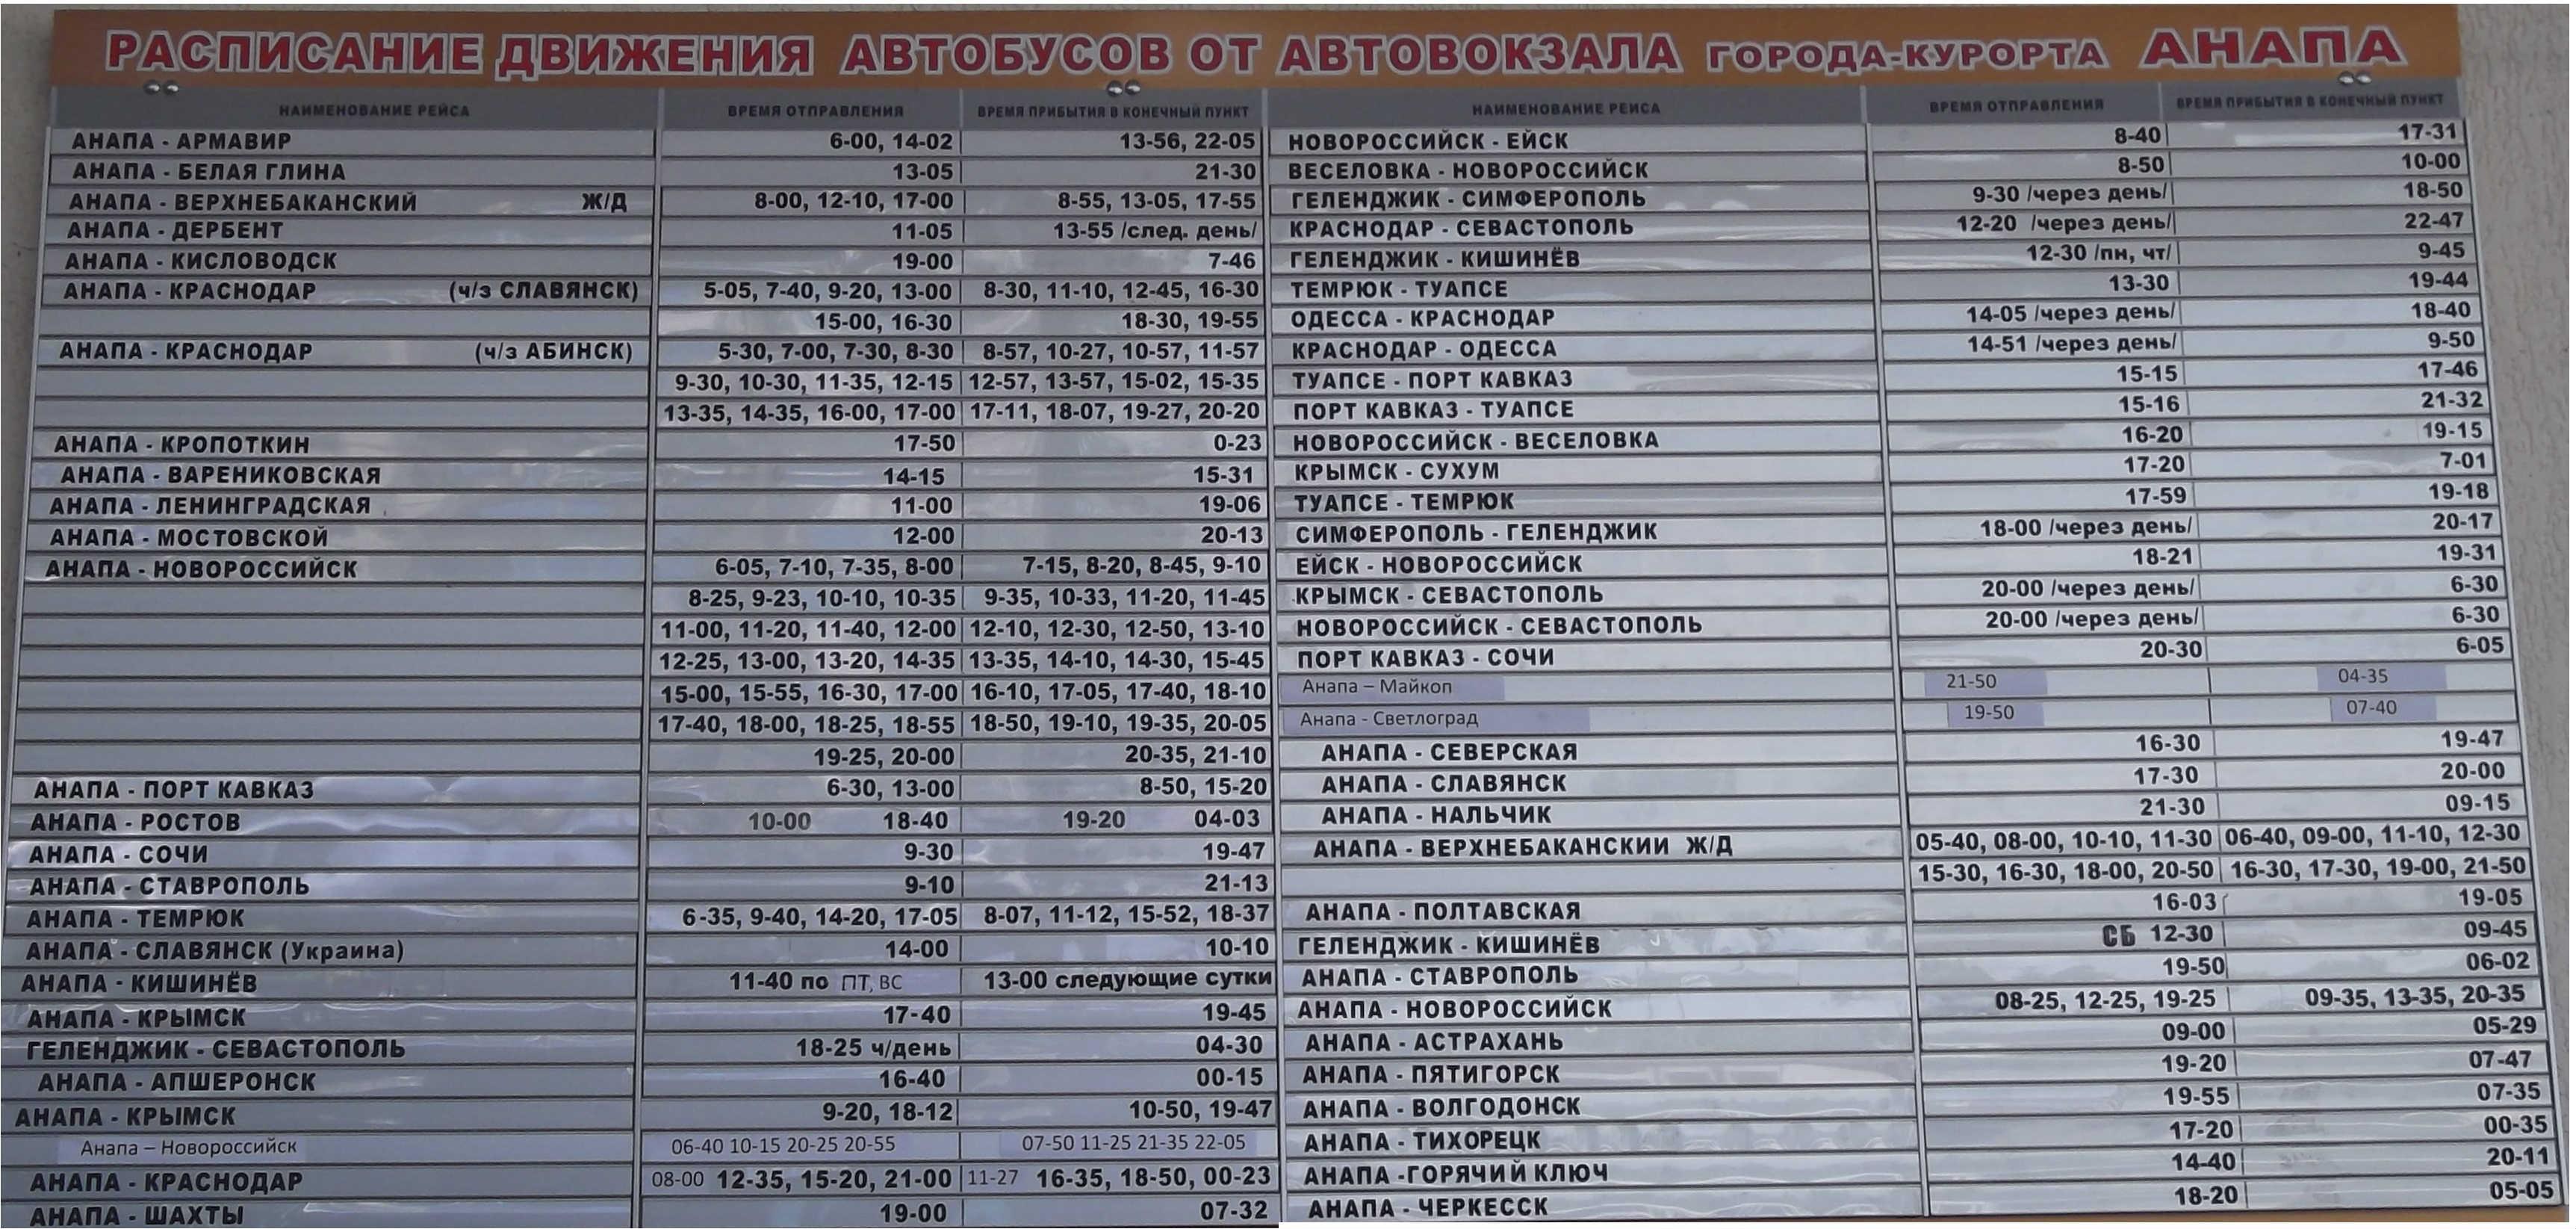 Автобусное сообщение светлоград - анапа на расписание движения светлоград - анапа.